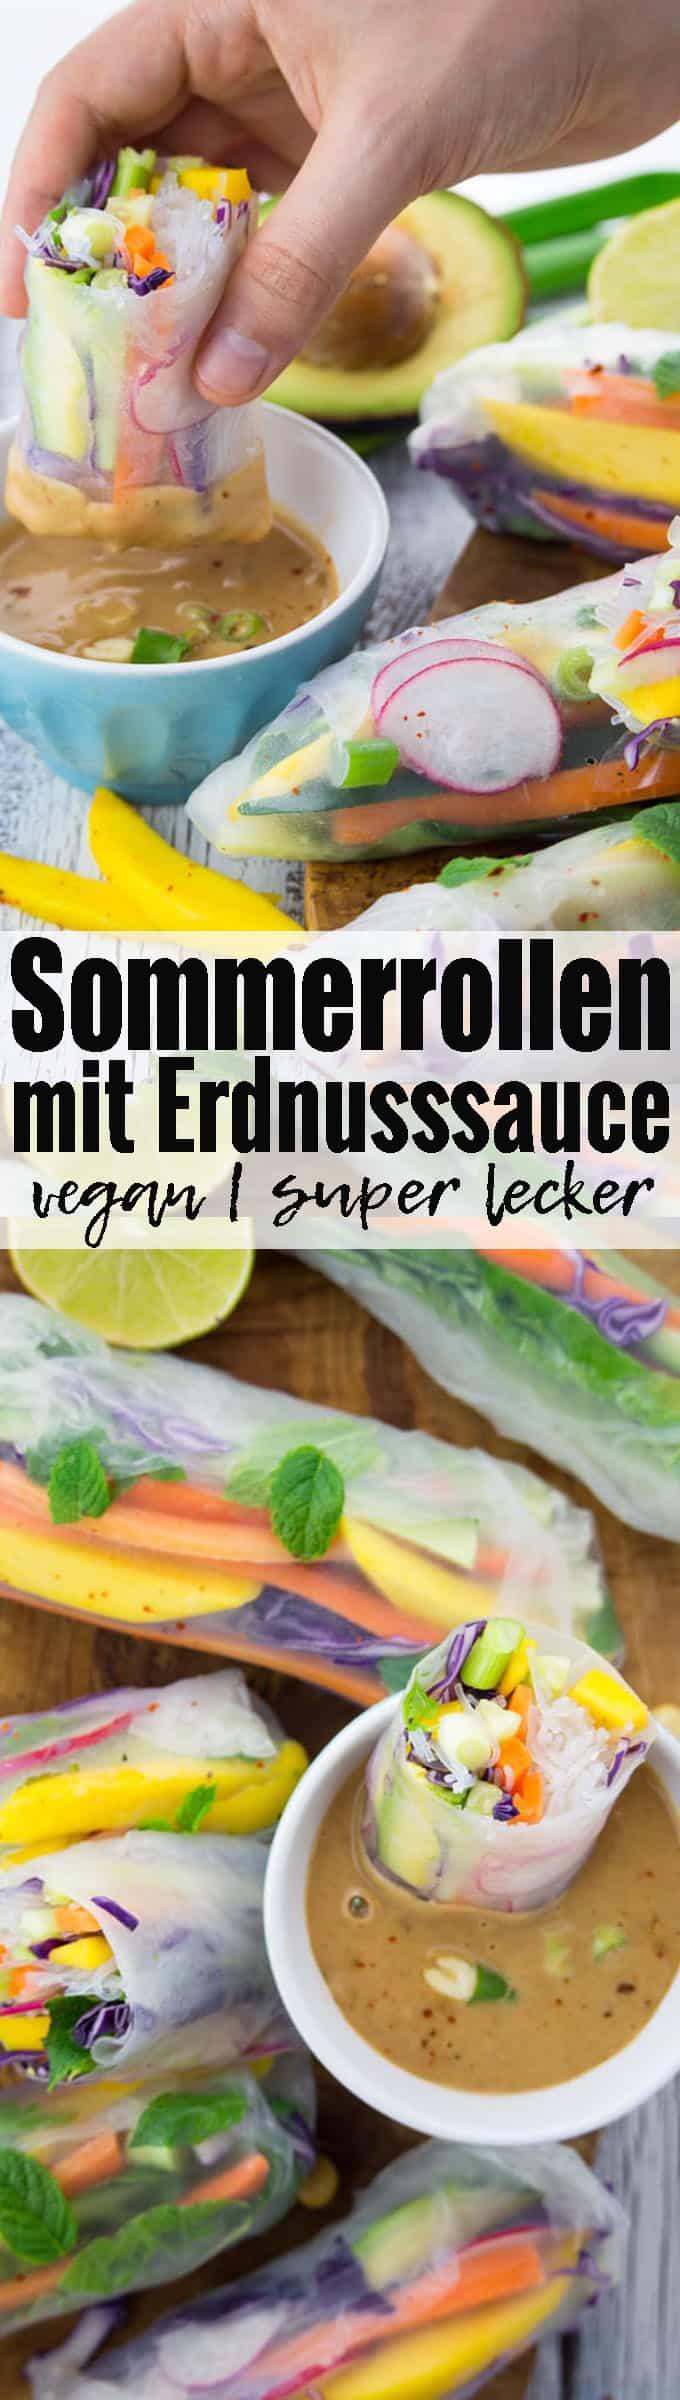 Sommerrollen mit Erdnusssauce gehen einfach immer! Super lecker, gesund und einfach zuzubereiten. Das perfekte Party Food! Mehr vegetarische Rezepte und vegane Rezepte auf veganheaven.de! <3